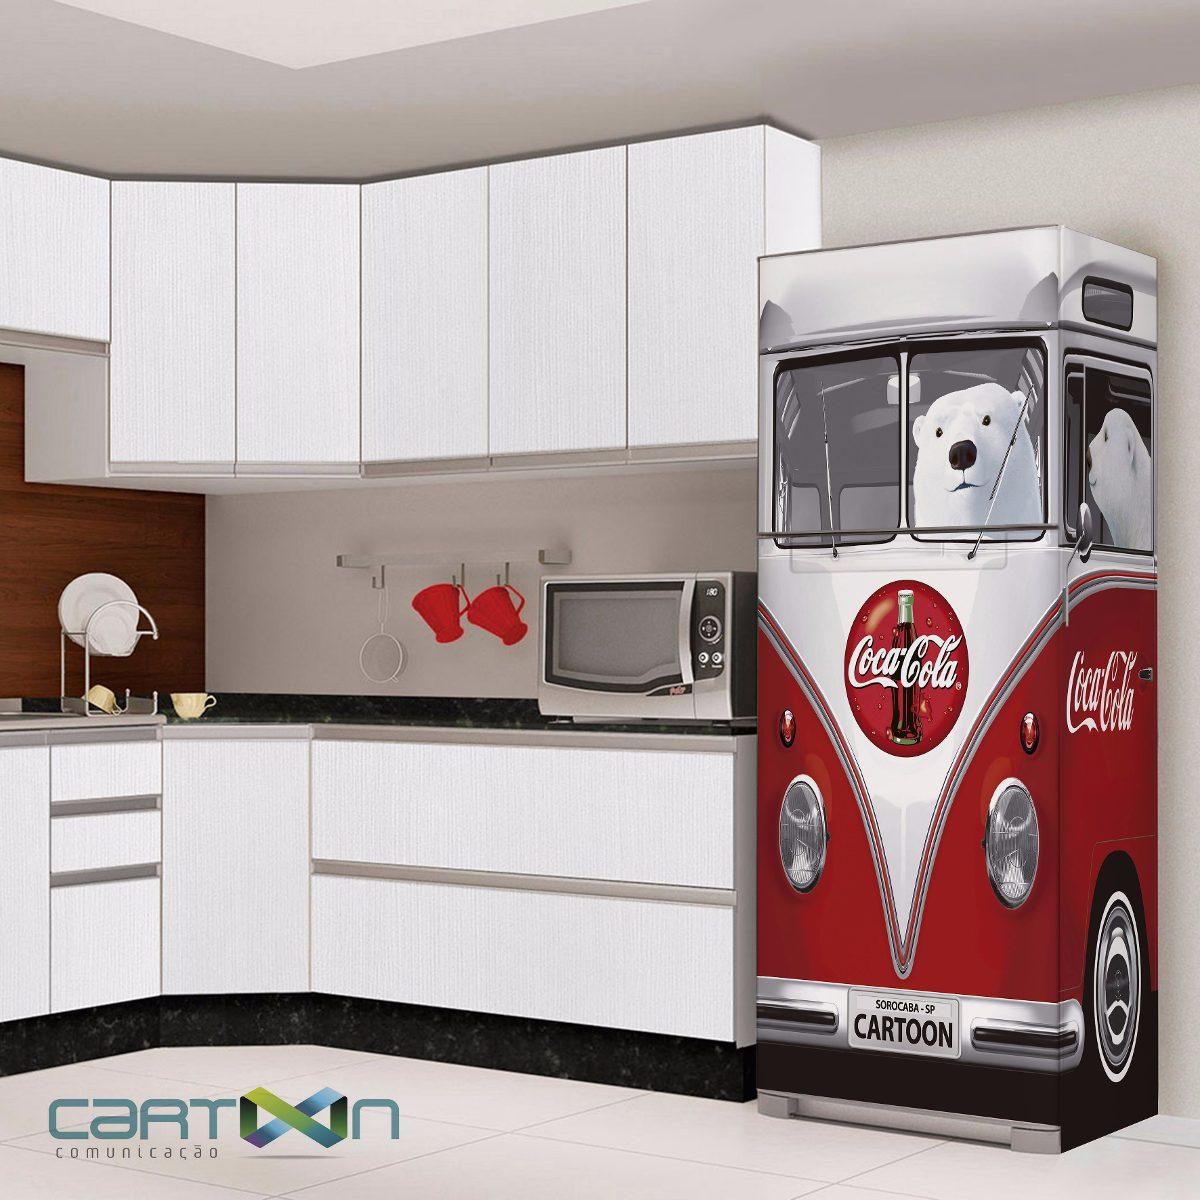 Adesivo Kombi Geladeira ~ Adesivo Decorativo Para Geladeira Kombi 3d Vw Coca Cola R$ 209,00 em Mercado Livre